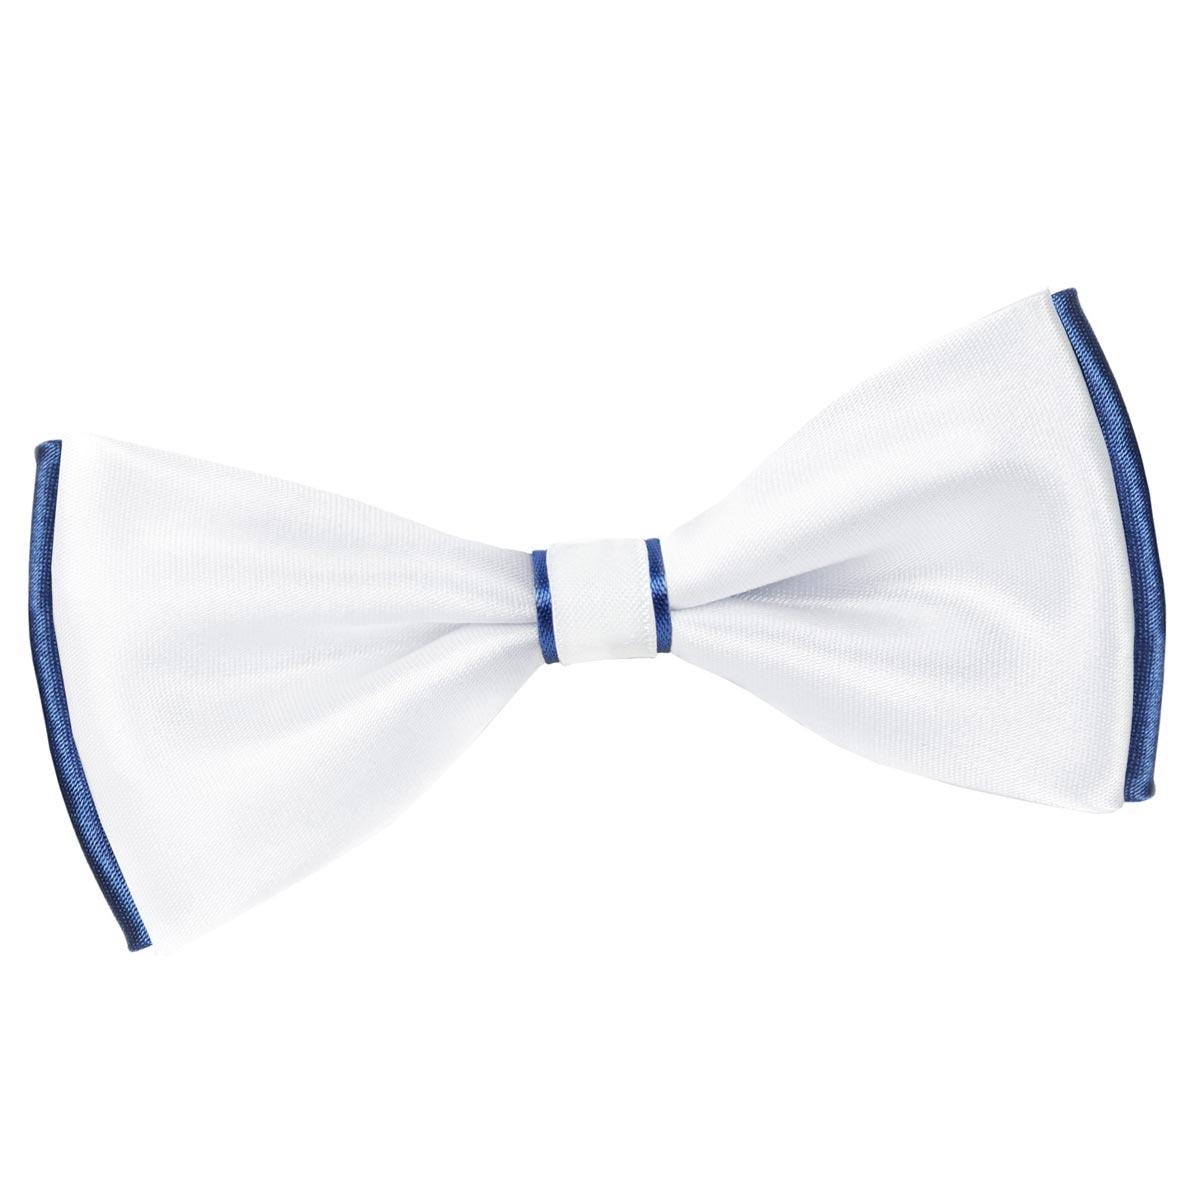 _Noeud-papillon-bicolore-blanc-bleu-jean-dandytouch